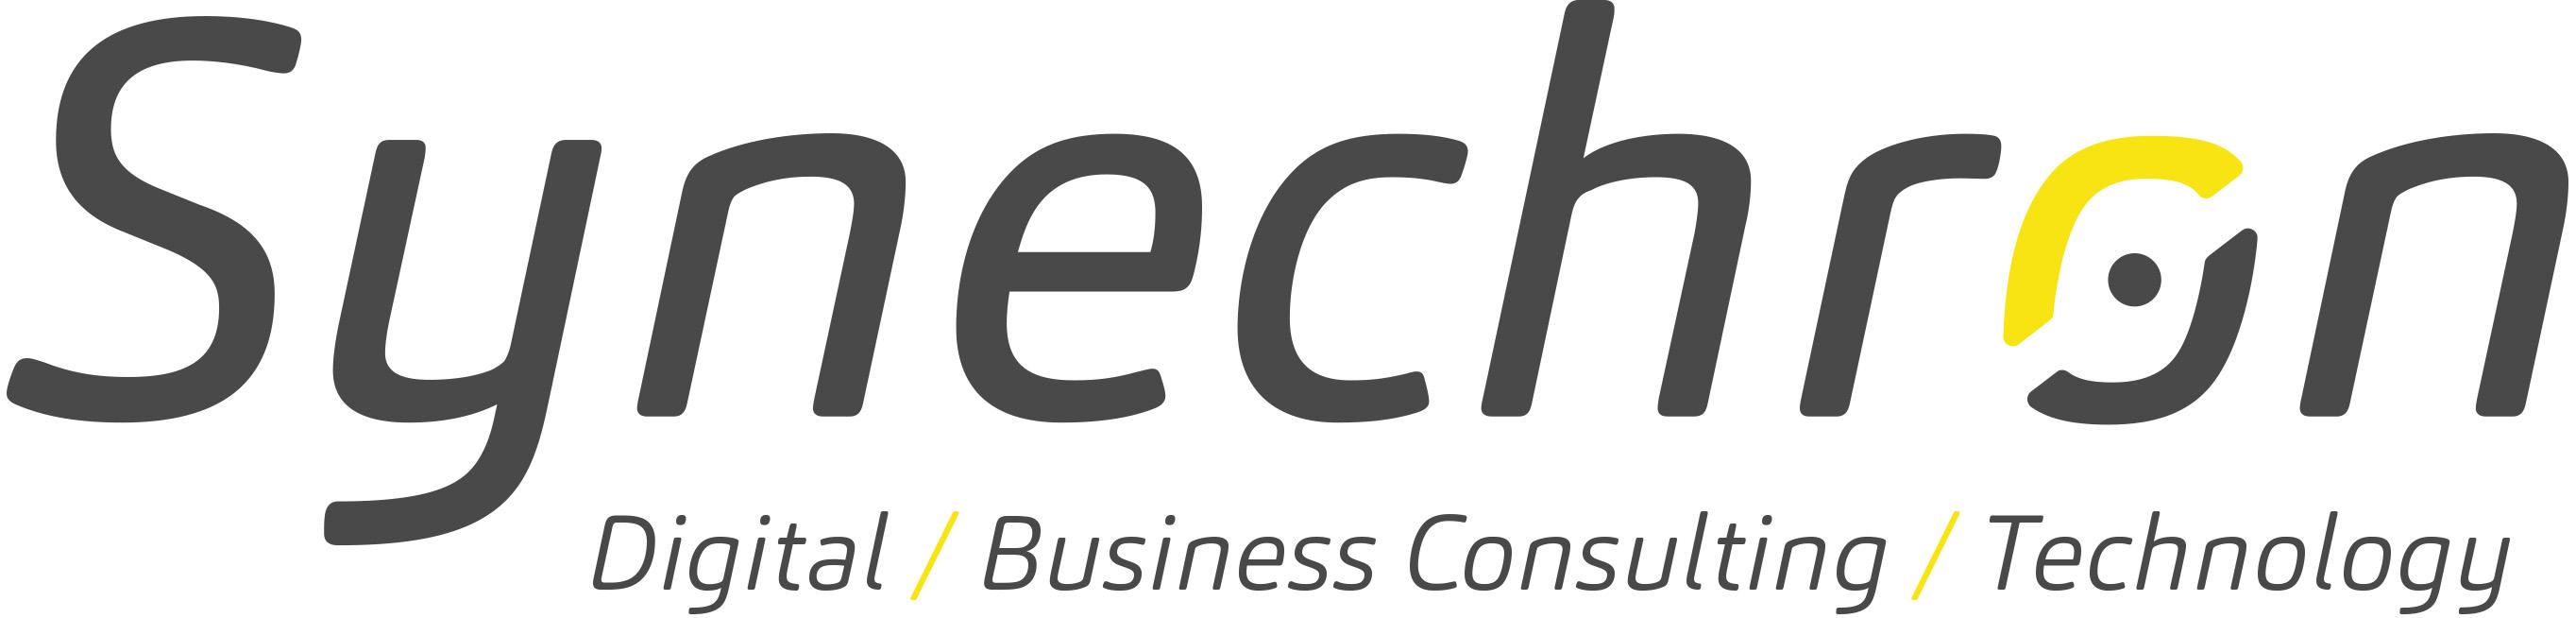 Synechron_Logo_White_Background